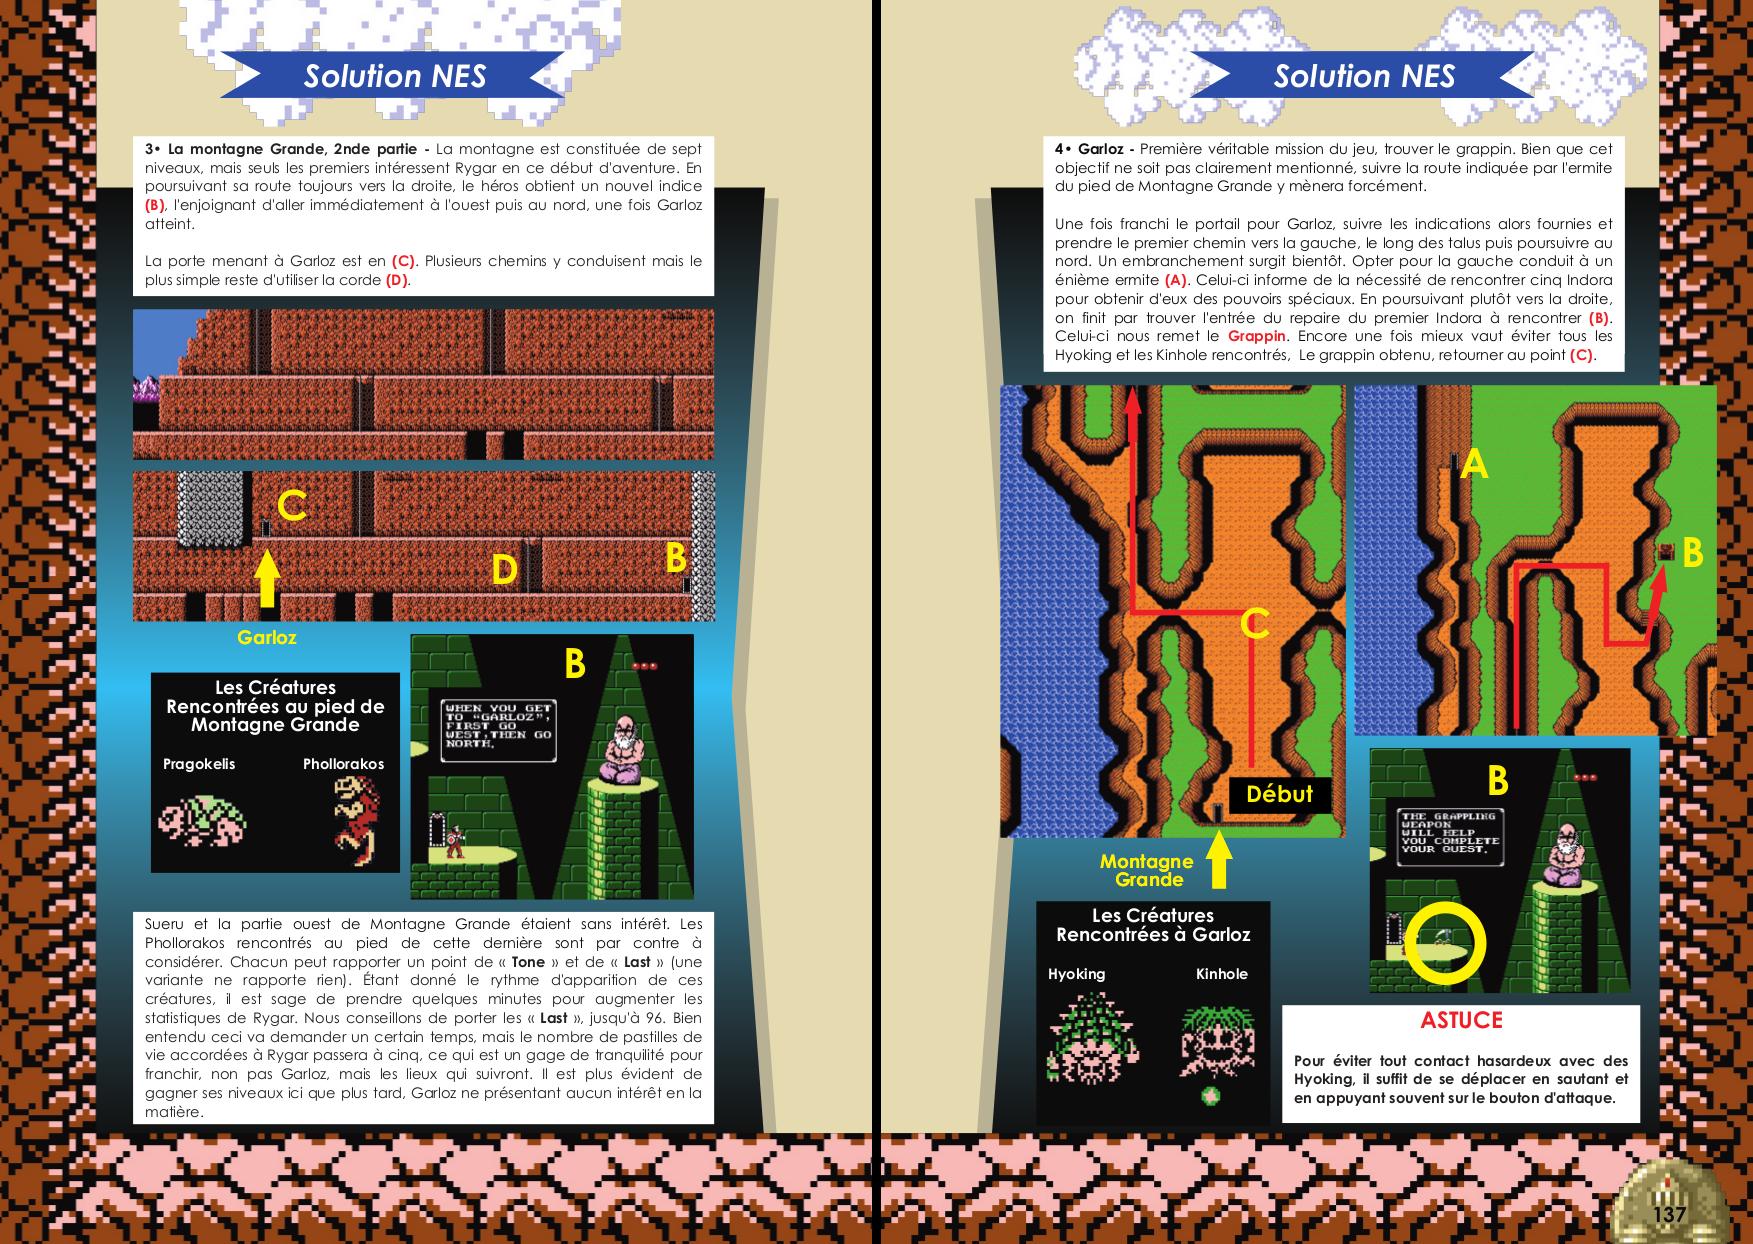 Livre sur Rygar Arcade, Nes avec solution de Côté Gamers